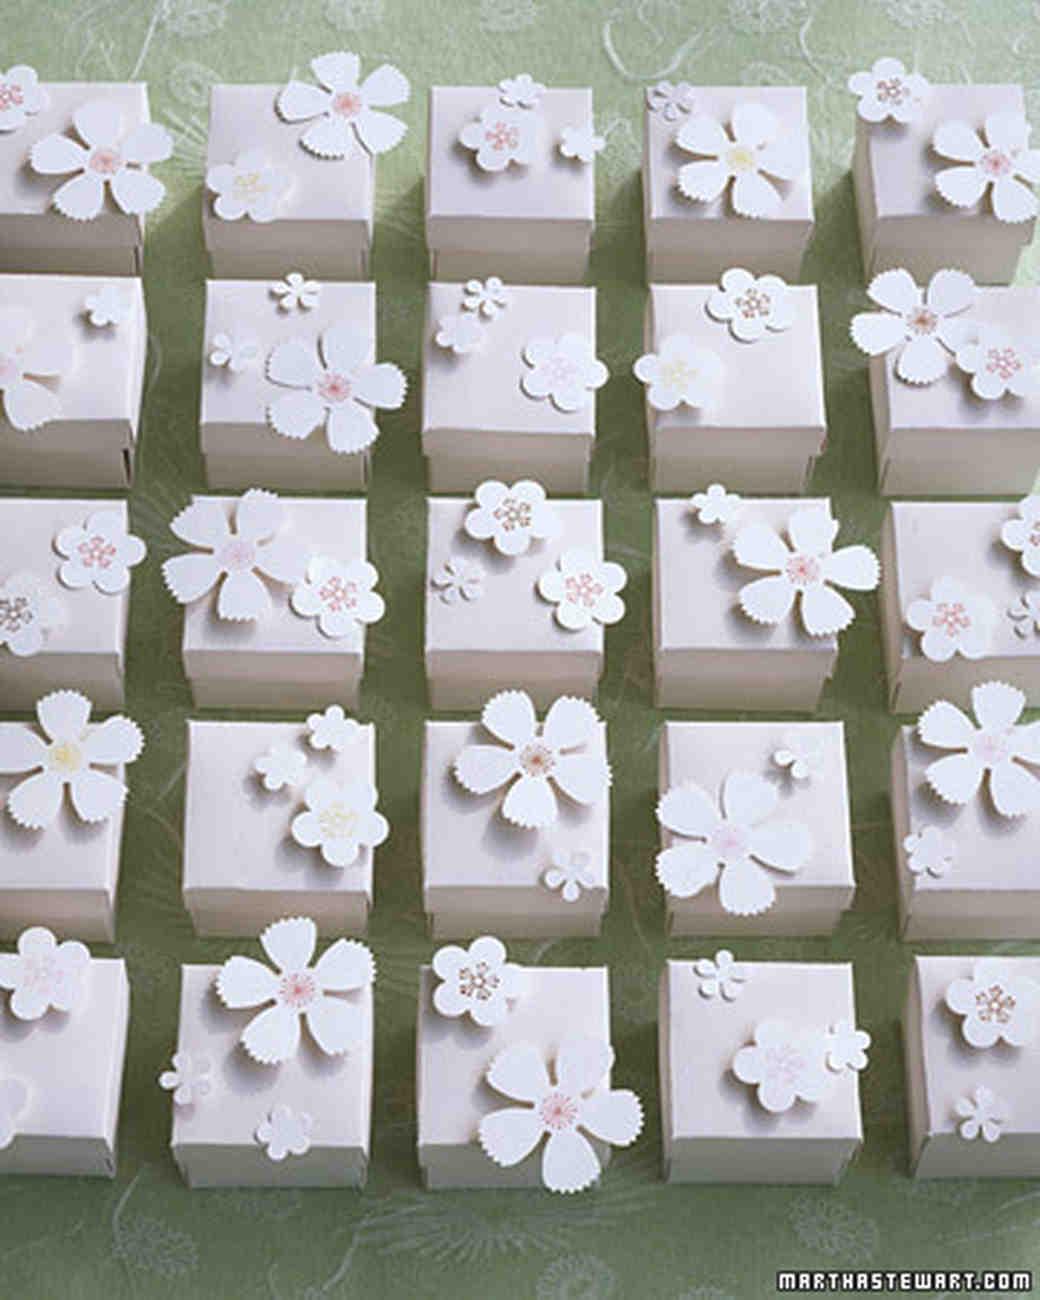 13 DIY Wedding Favor Ideas for a Spring Celebration | Martha Stewart ...